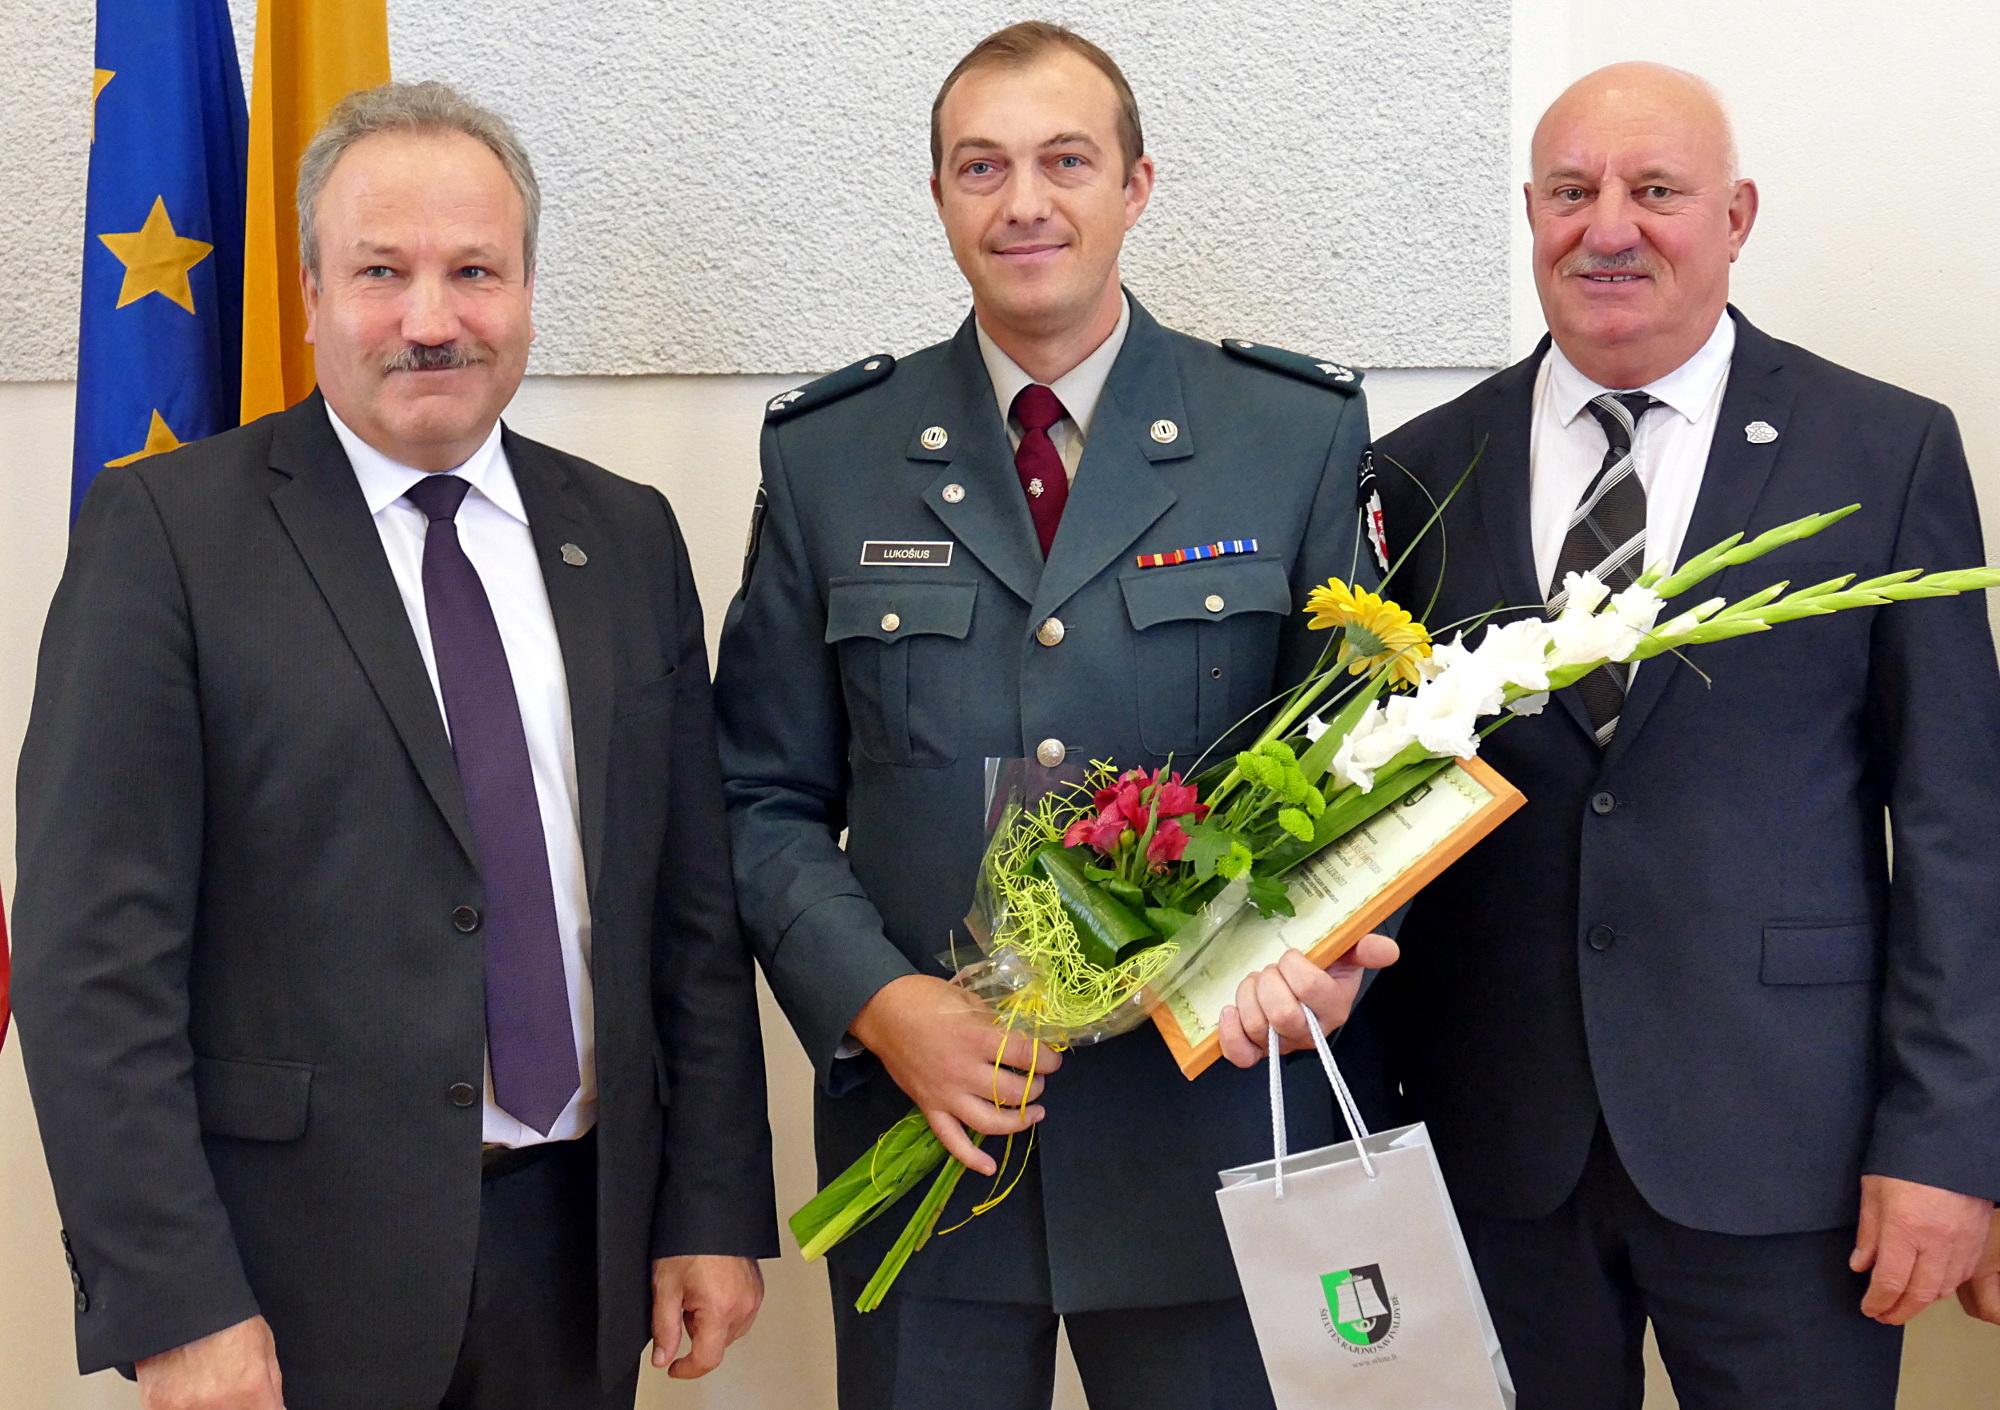 Iš kairės: meras Vytautas Laurinaitis, šiemet metų socialiniu partneriu išrinktas Šilutės r. policijos komisariato prevencijos poskyrio viršininkas Audrius Lukošius ir administracijos direktorius Sigitas Šeputis.